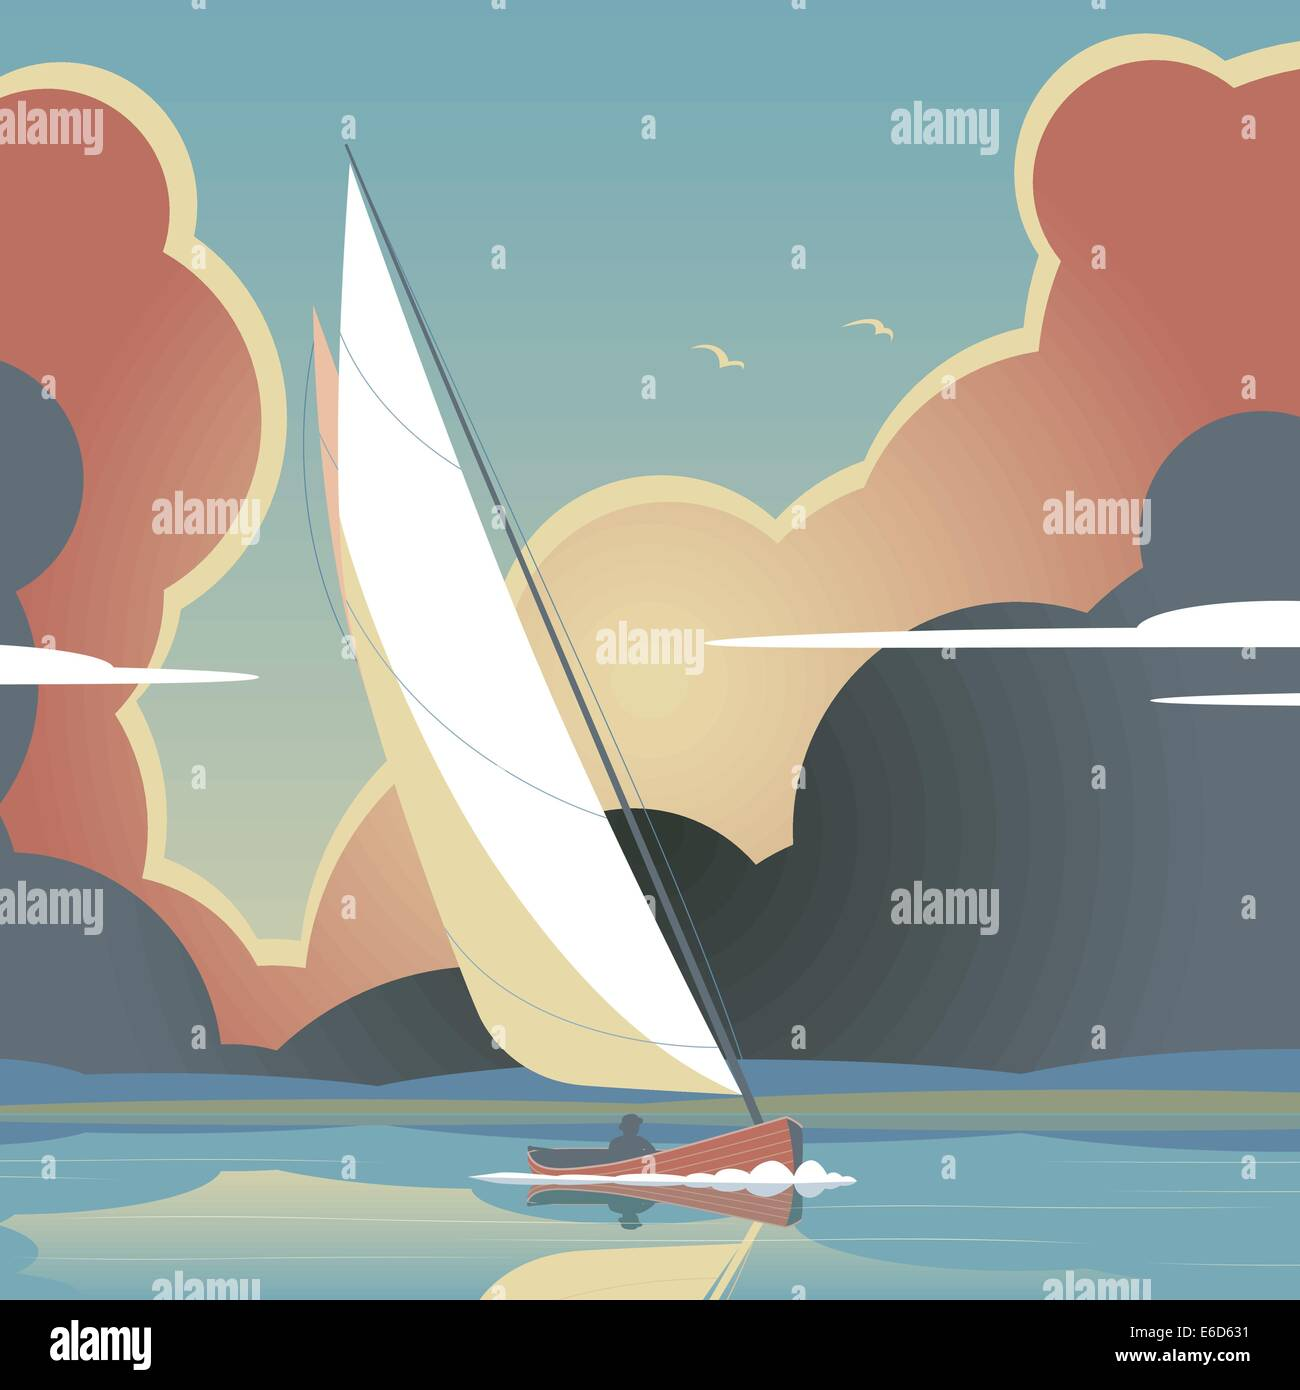 Bearbeitbares Vektor-Illustration eines Mannes eine Segelyacht auf ruhigem Wasser Stock Vektor